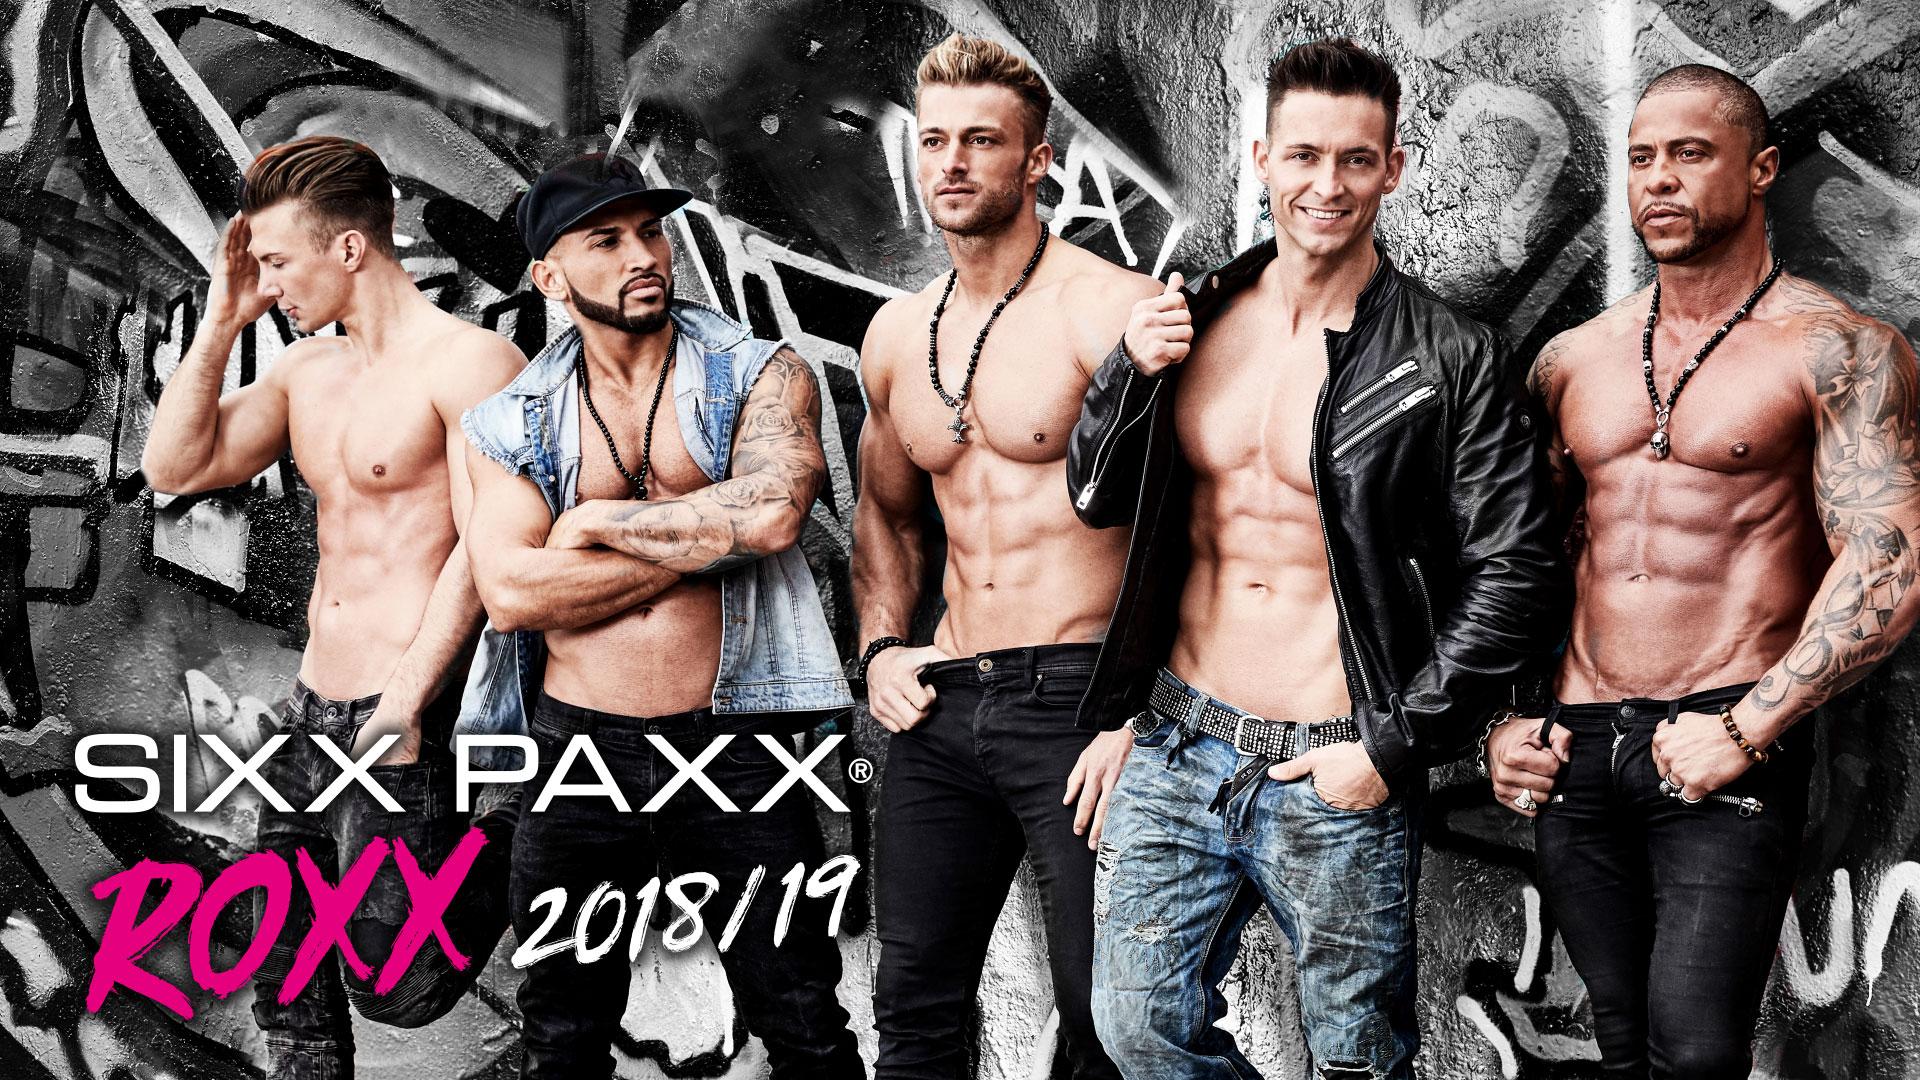 Sixx Paxx Roxx Tour live gratis / Freebie im Stream zum Weltfrauentag